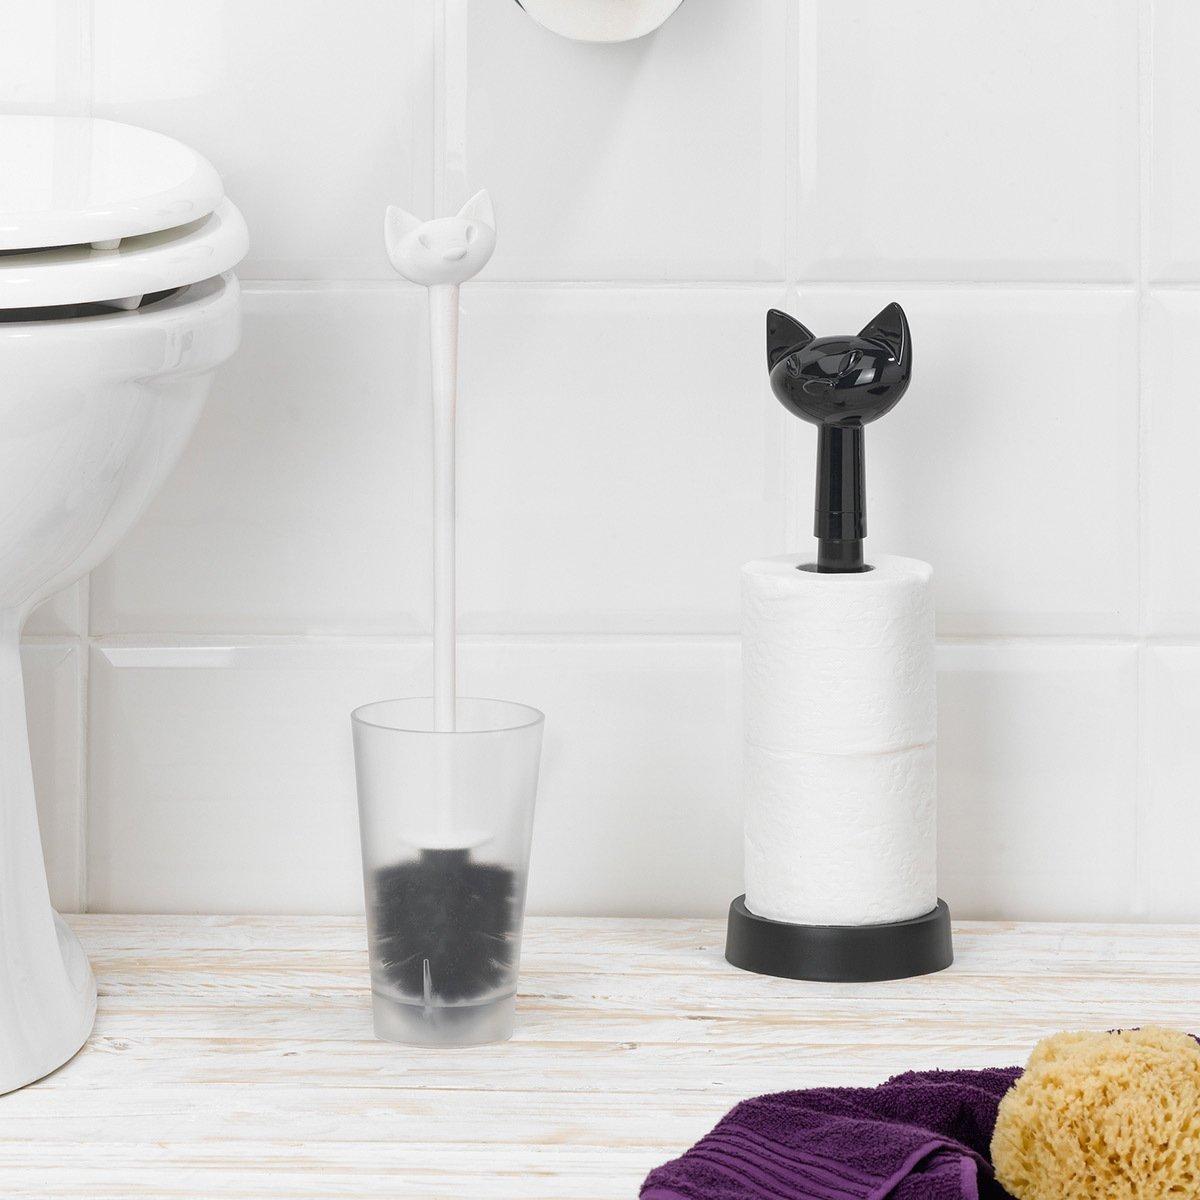 Koziol 5221525 Porte-Rouleaux WC Blanc Opaque Plastique 12,8 x 12,8 x 36,9 cm